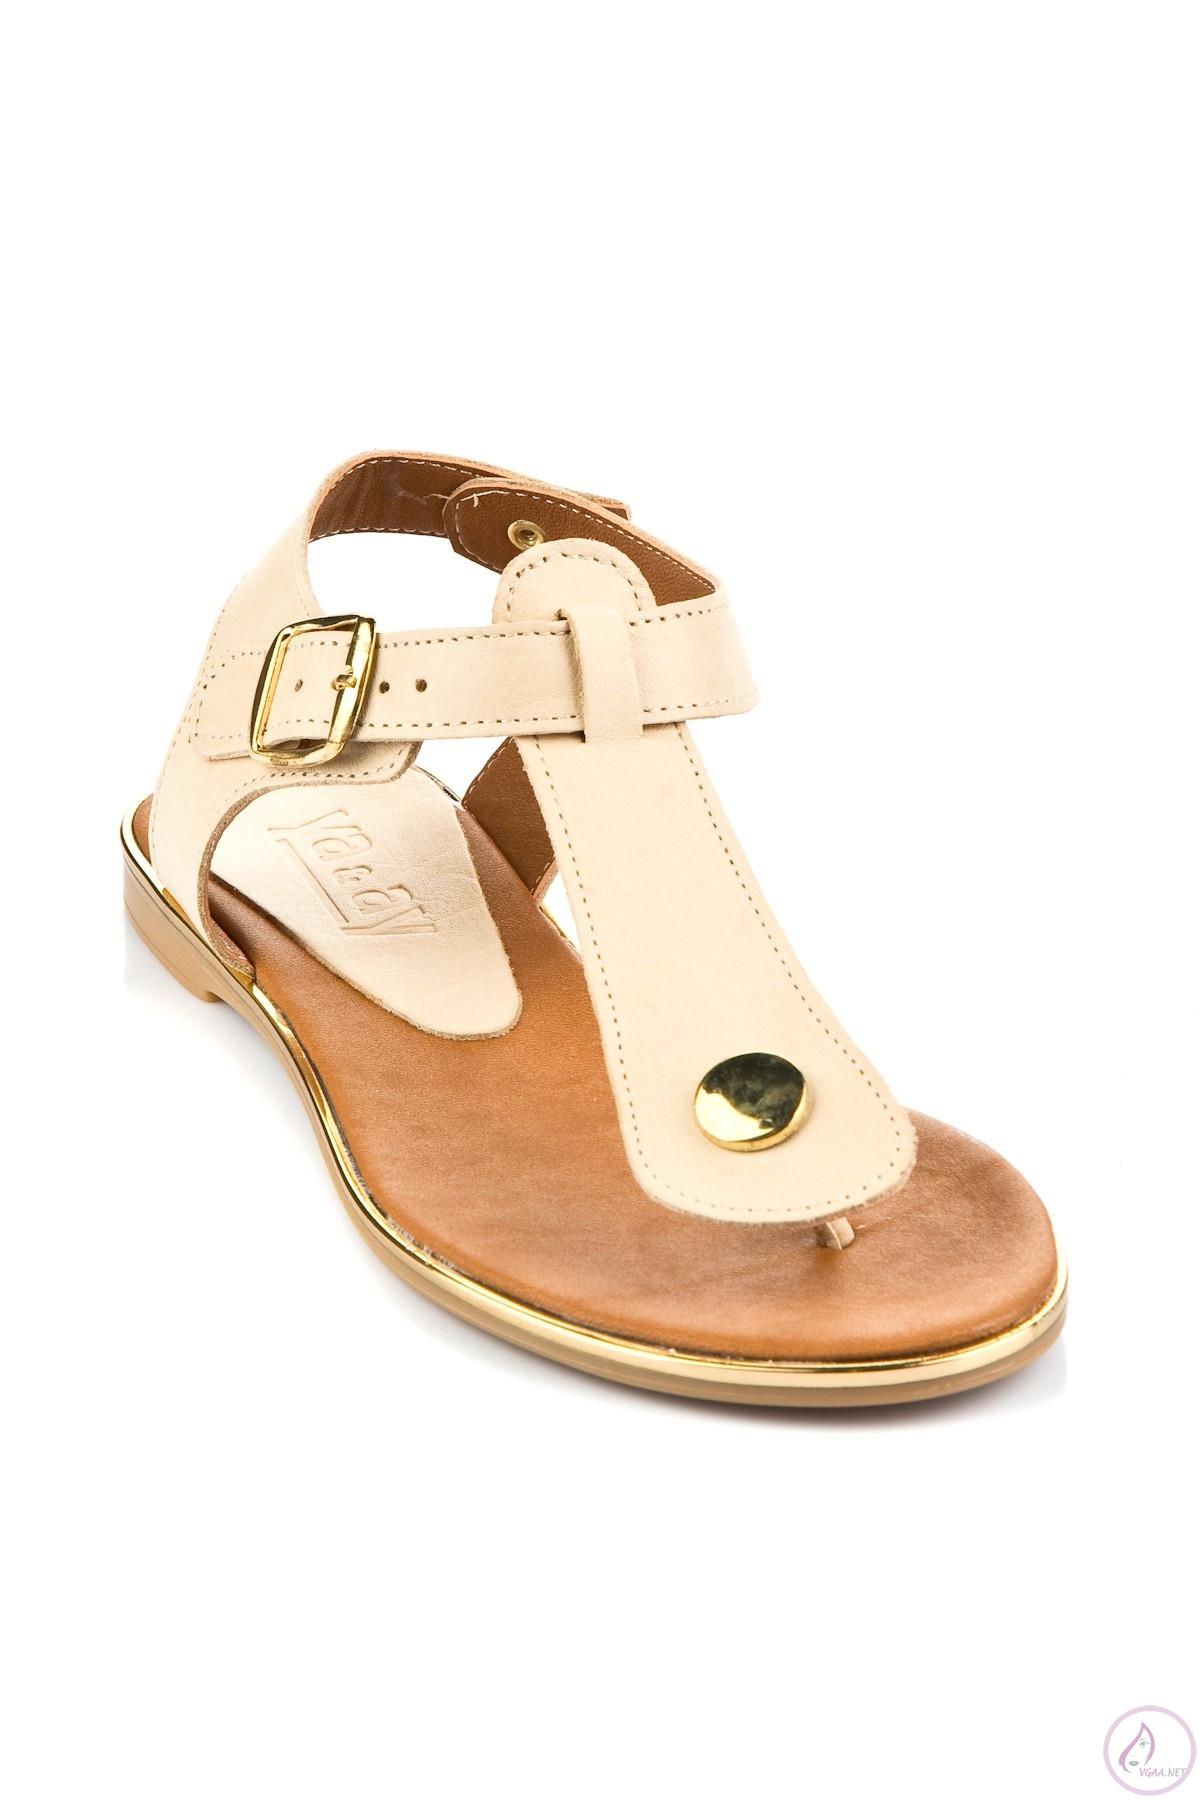 2014-sandalet-modeller-26